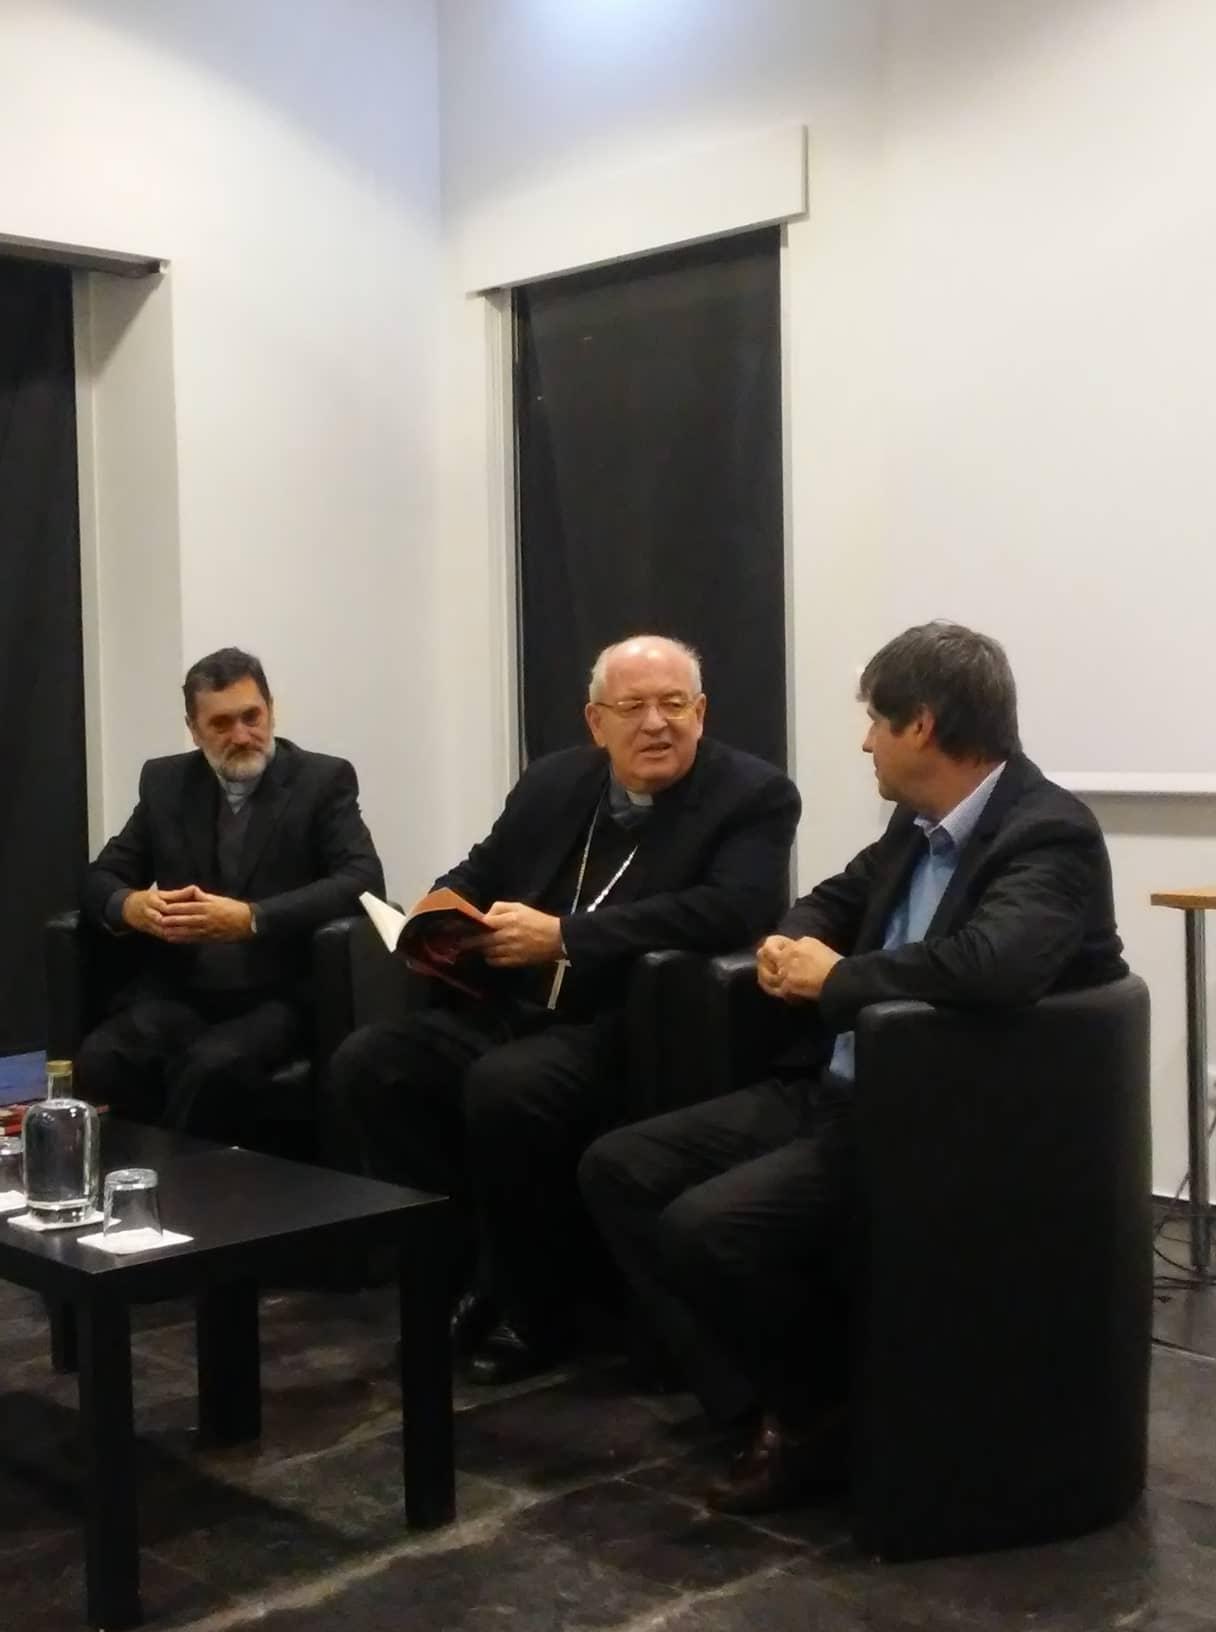 O cónego Mário Tavares de Oliveira (à esquerda), o Arcebispo de Évora (ao centro) e o escritor Manuel Arouca (à direita) Foto: Hugo Guerreiro